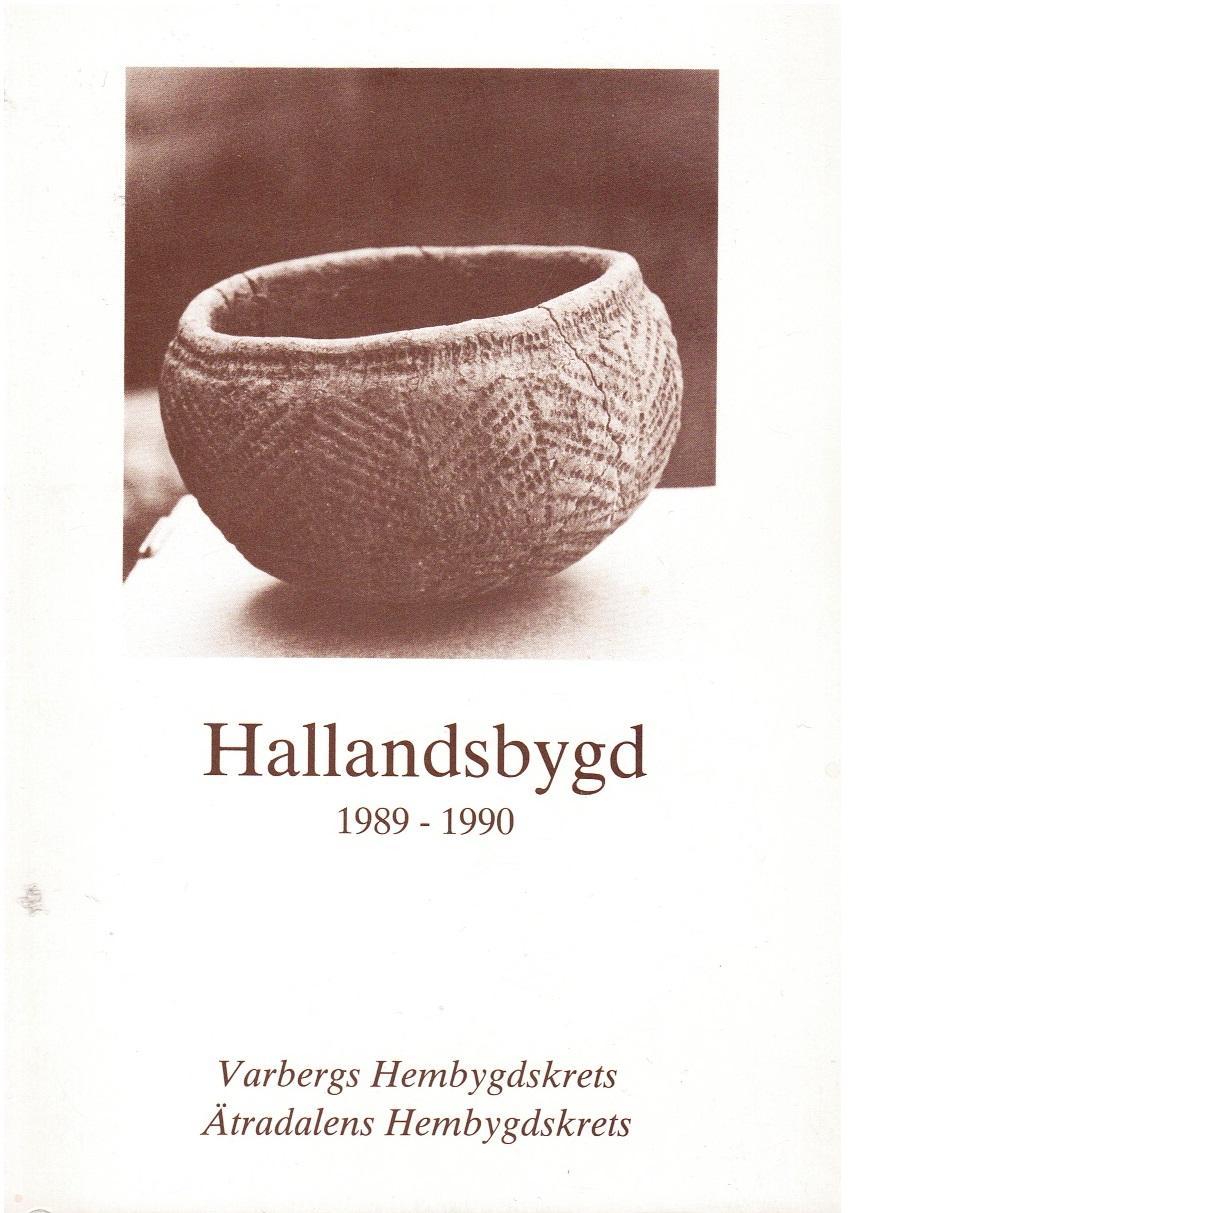 Hallandsbygd 1989-90 - Red.